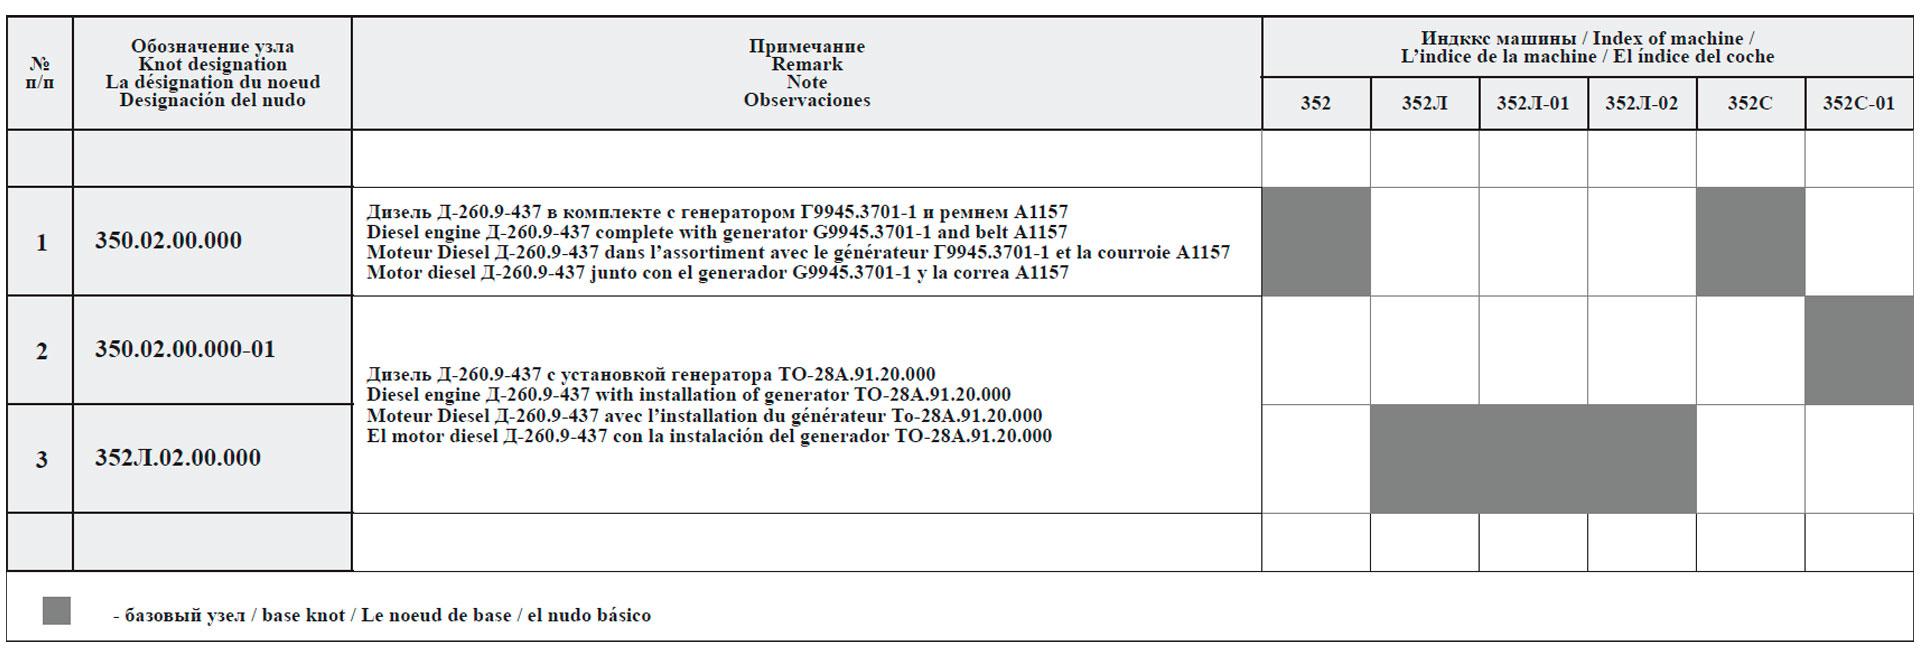 Сводная таблица исполнений силовых установок для машин грузоподъемностью 5 т